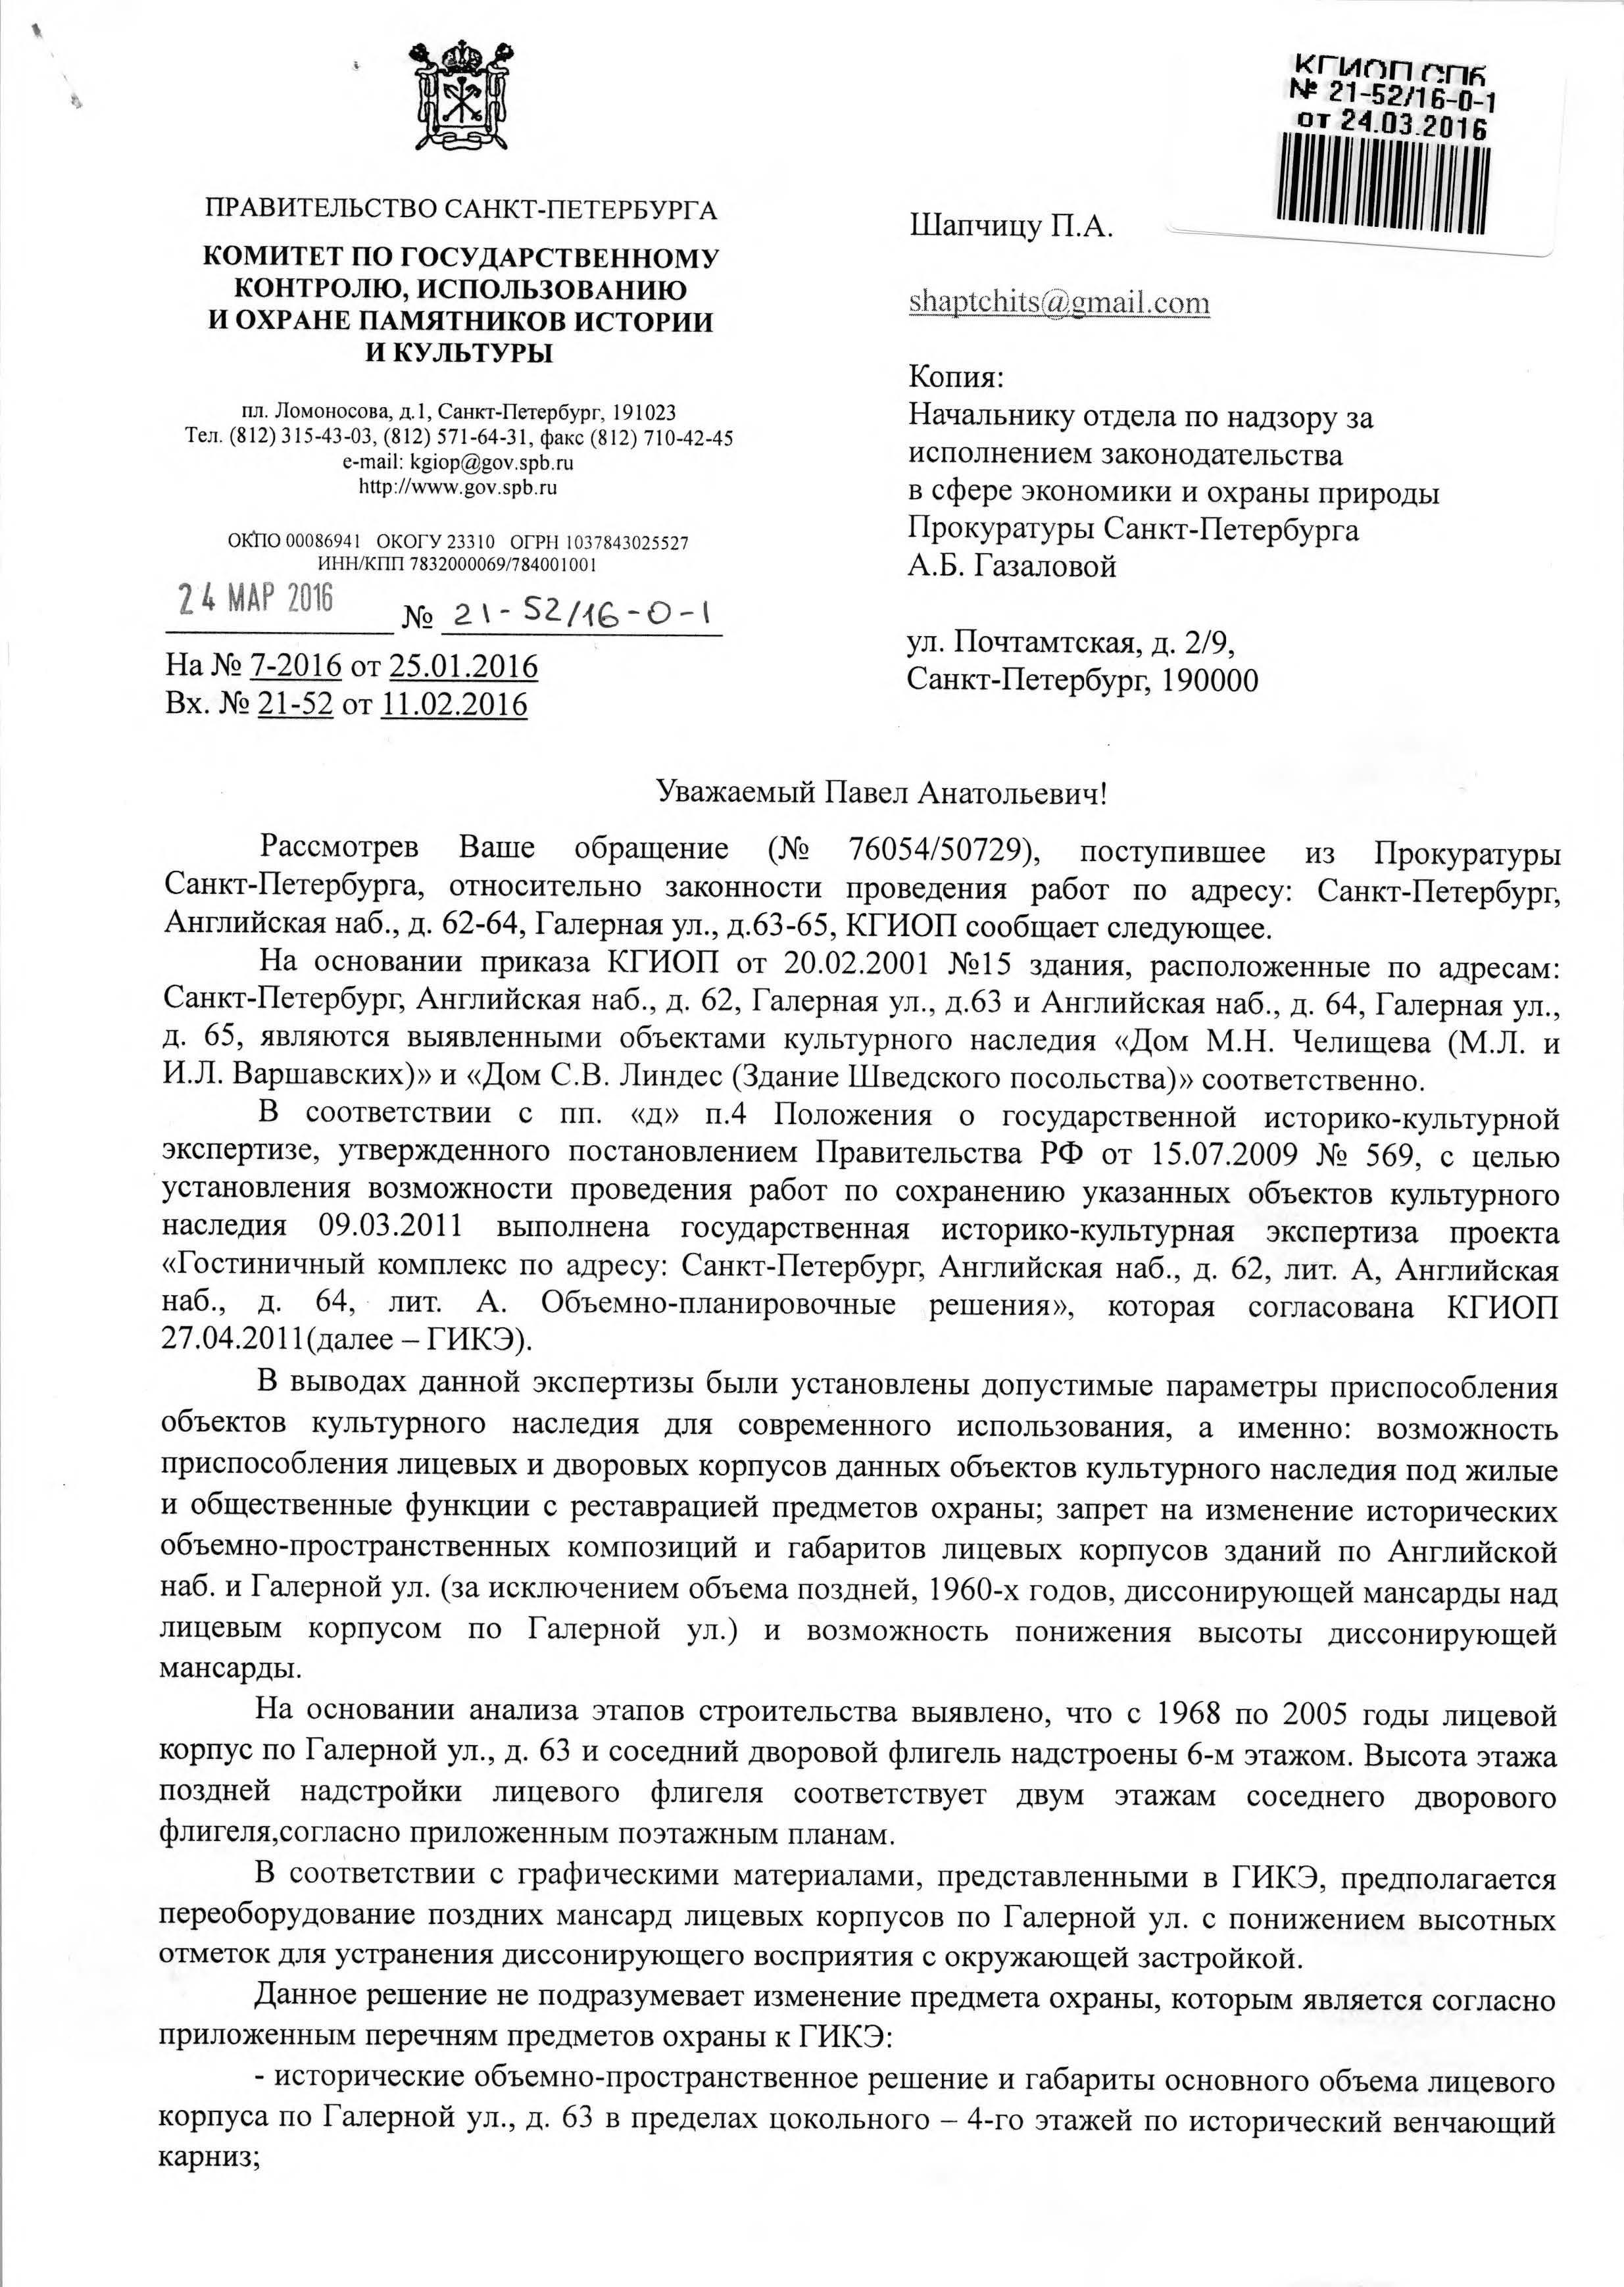 Новое заявление на рвп 2016 консультант плюс - 4d